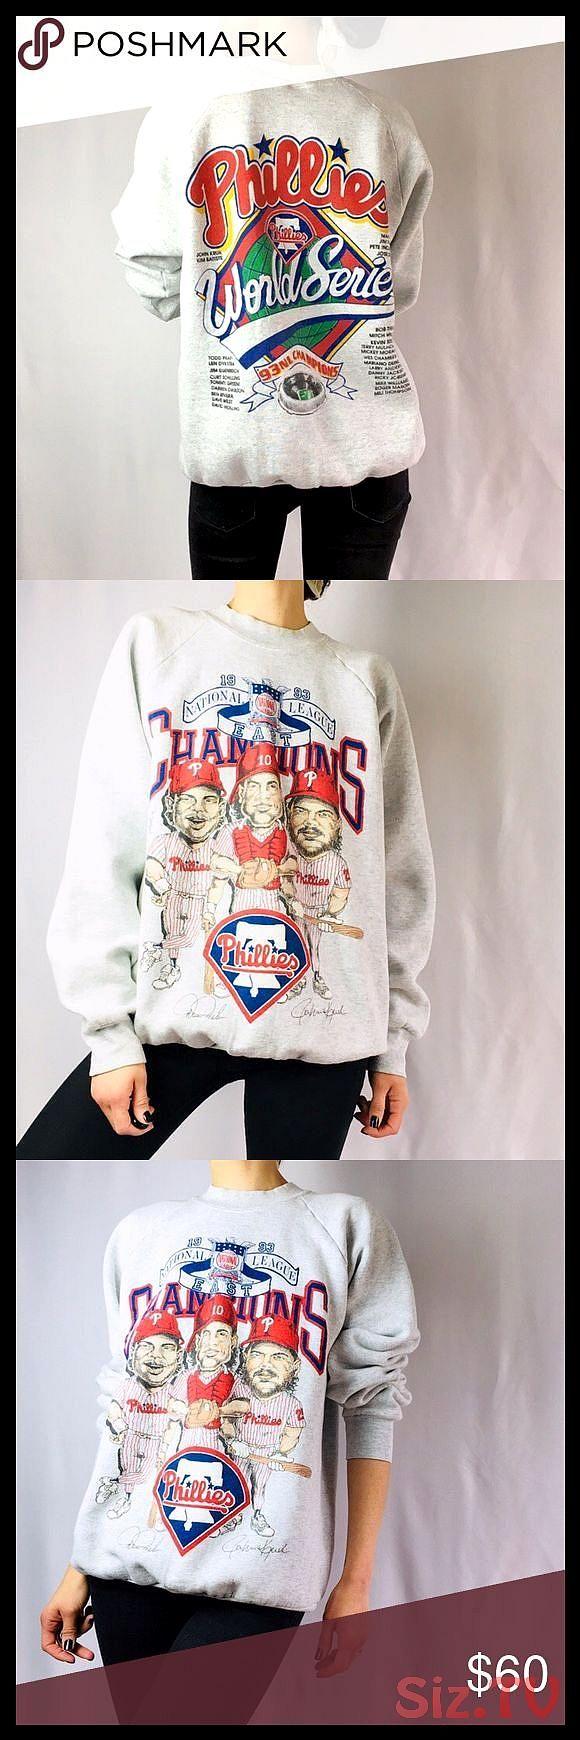 Vintage Phillies Crewneck Sweatshirt Xl Vintage 90s Philadelphia Phillies Crewneck Sweatshirt Size Crew Neck Sweatshirt Sweatshirts Vintage Crewneck Sweatshirt [ 1740 x 580 Pixel ]